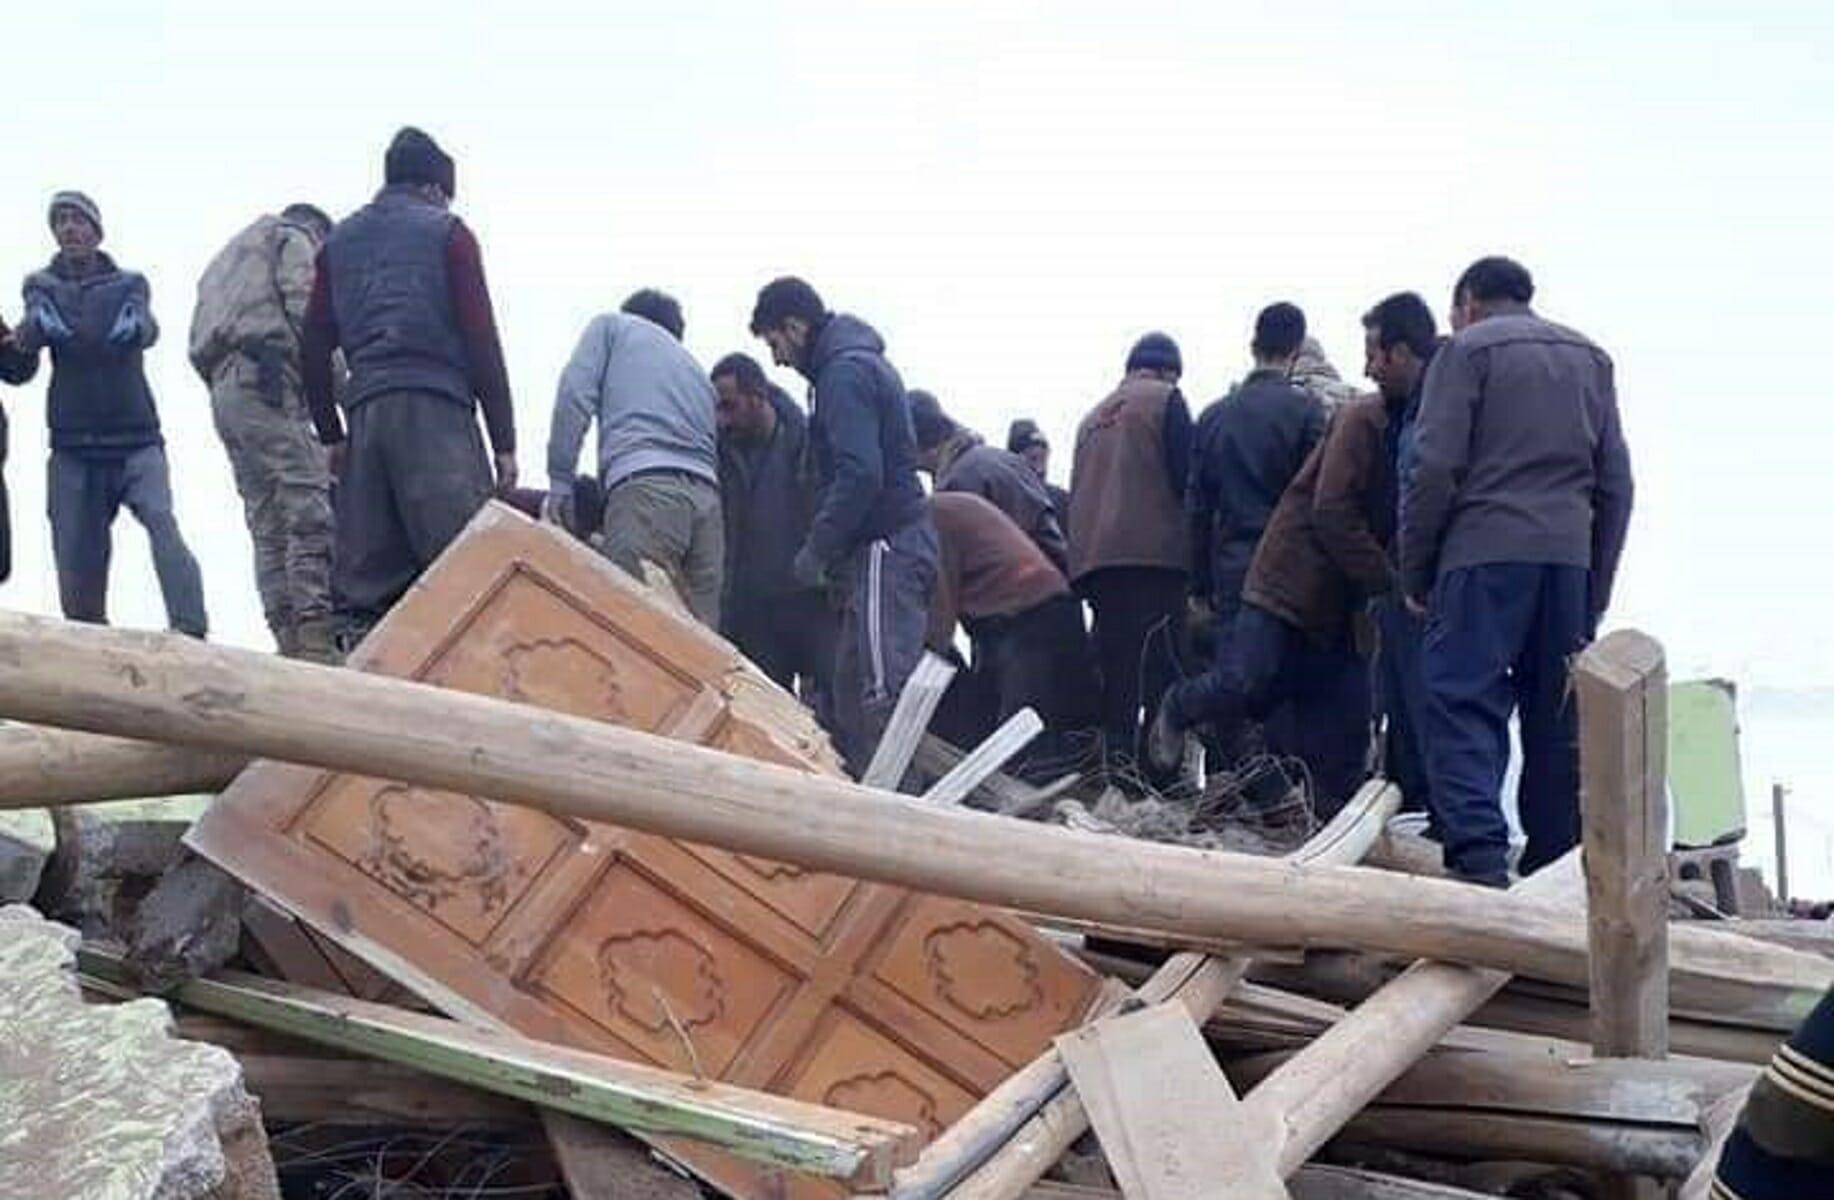 Σεισμός στην Τουρκία: Νεκροί και εγκλωβισμένοι στη Βαν [pics, video]